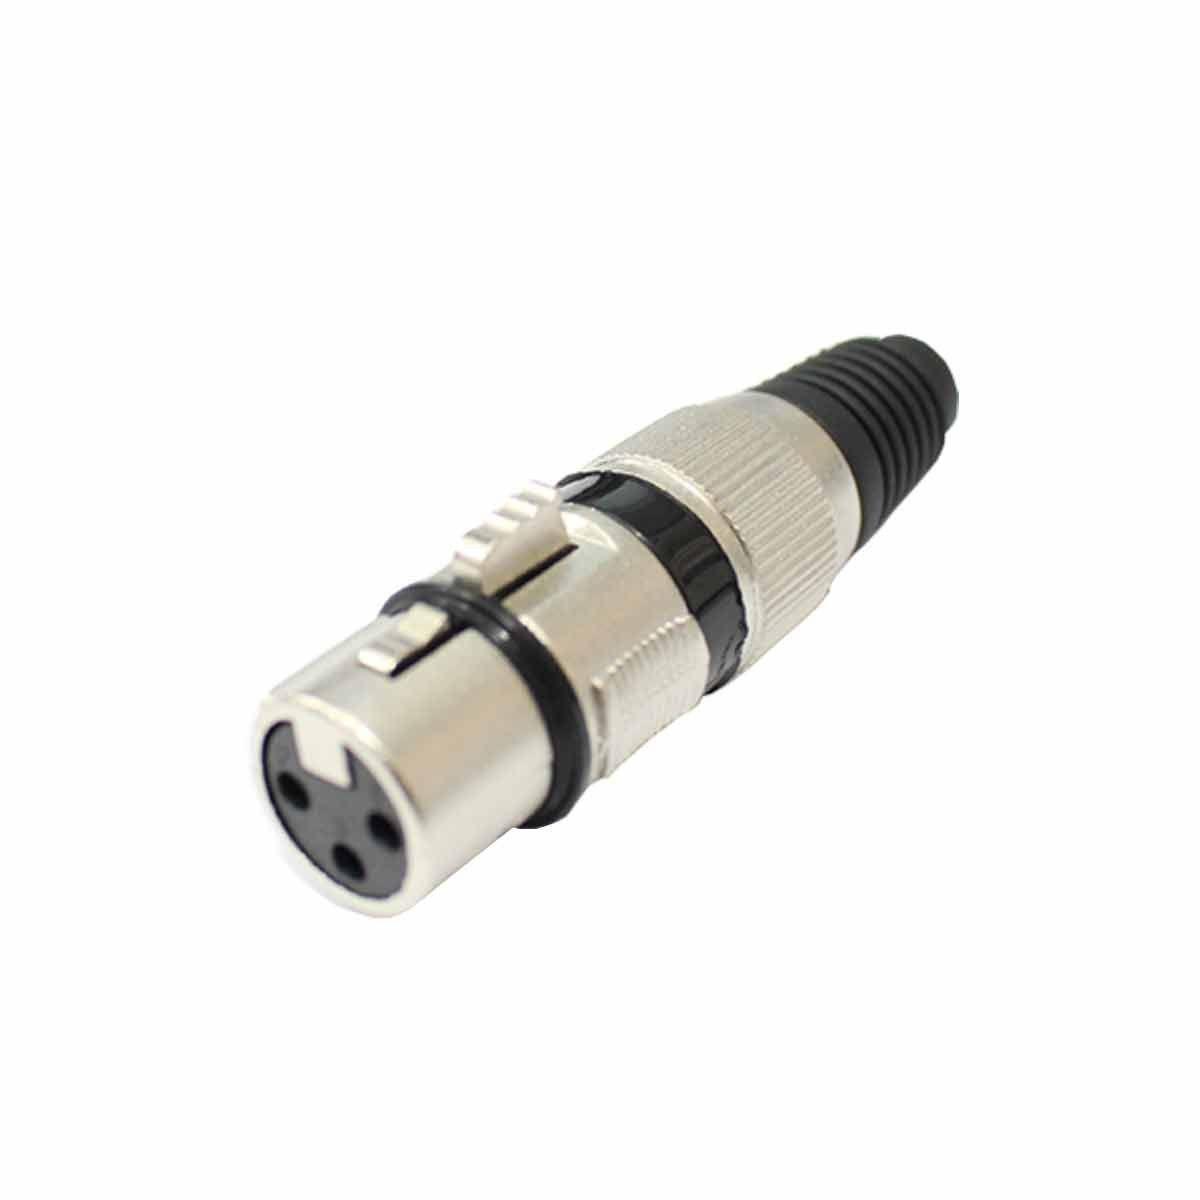 Conector Cannon XLR Fêmea Linha - Q 33 BK CSR